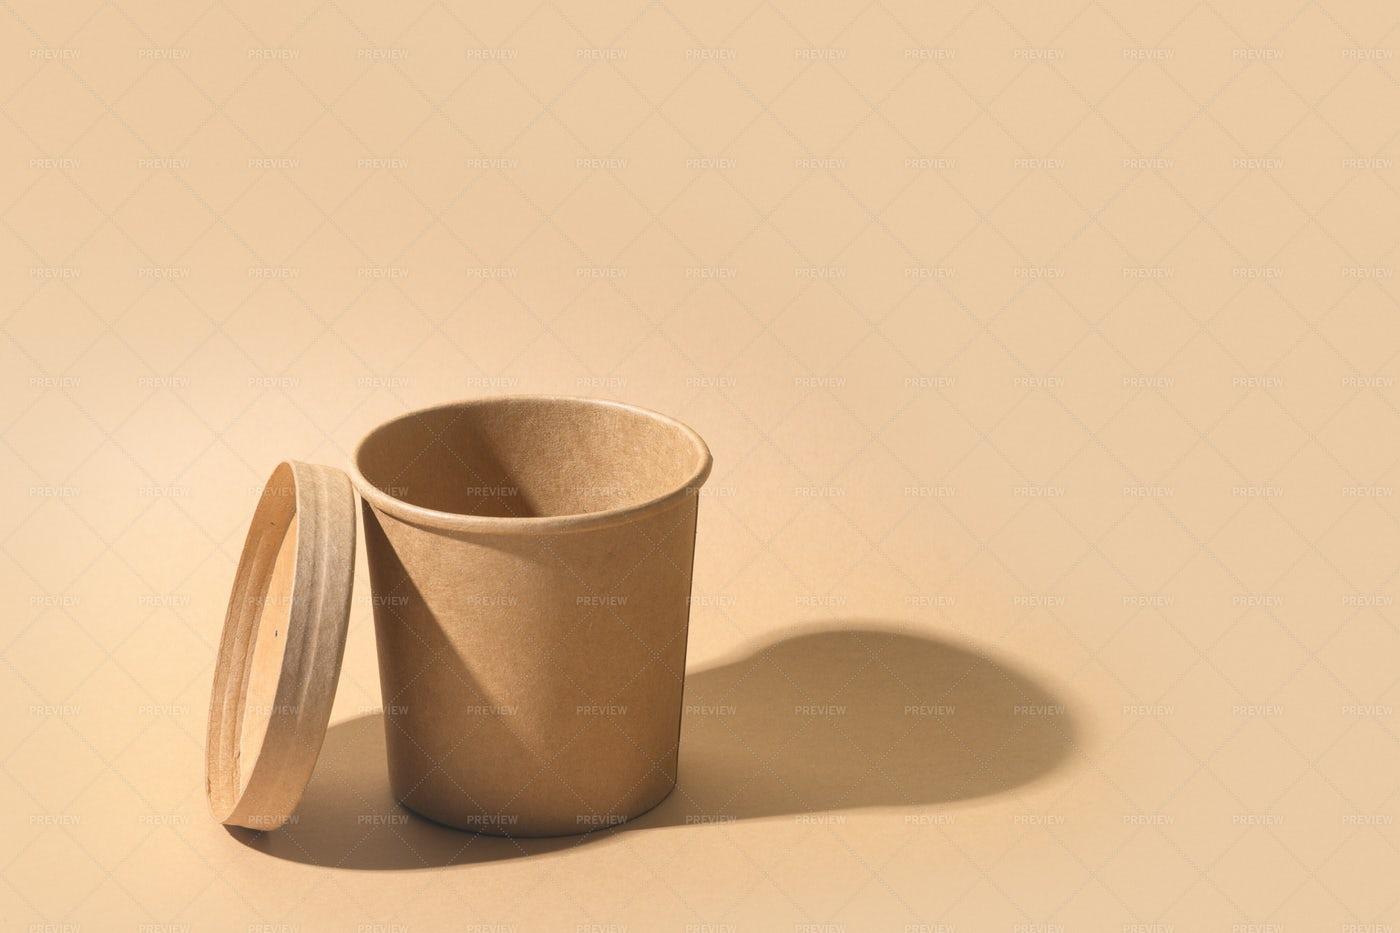 Craft Paper Cup: Stock Photos